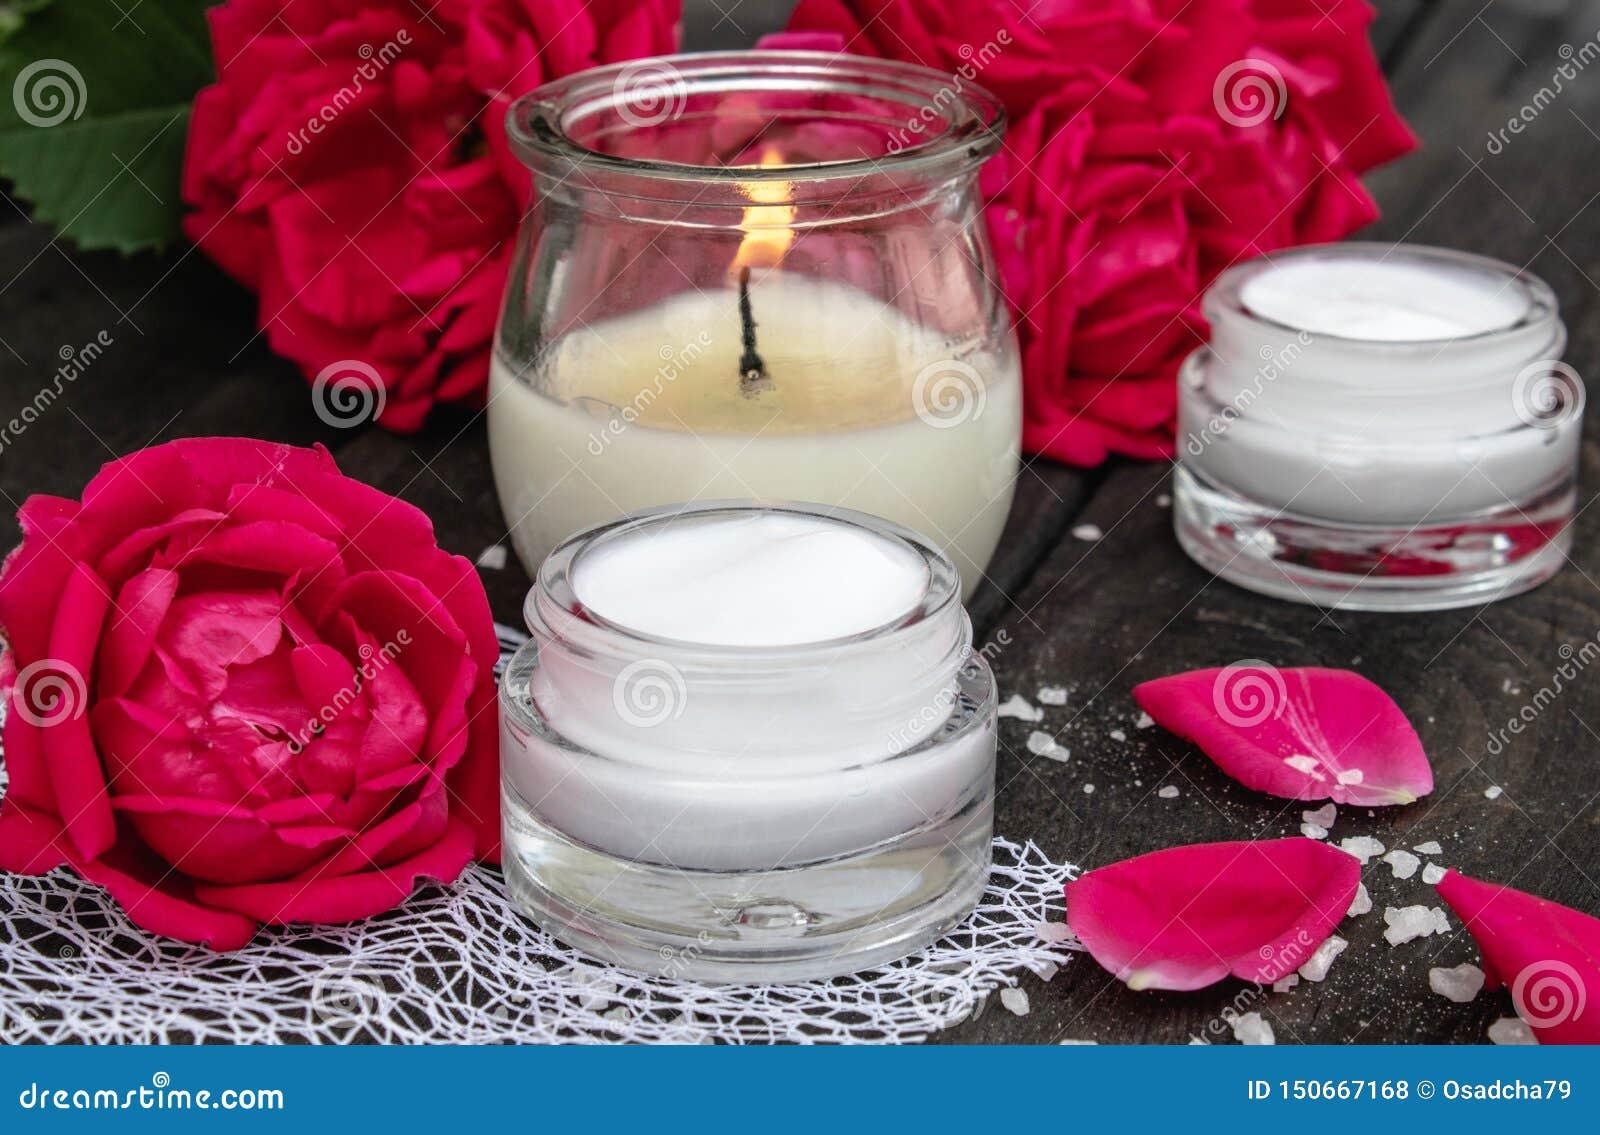 Crema y rosas cosméticas con pétalos y una vela ardiente en el viejo fondo de madera